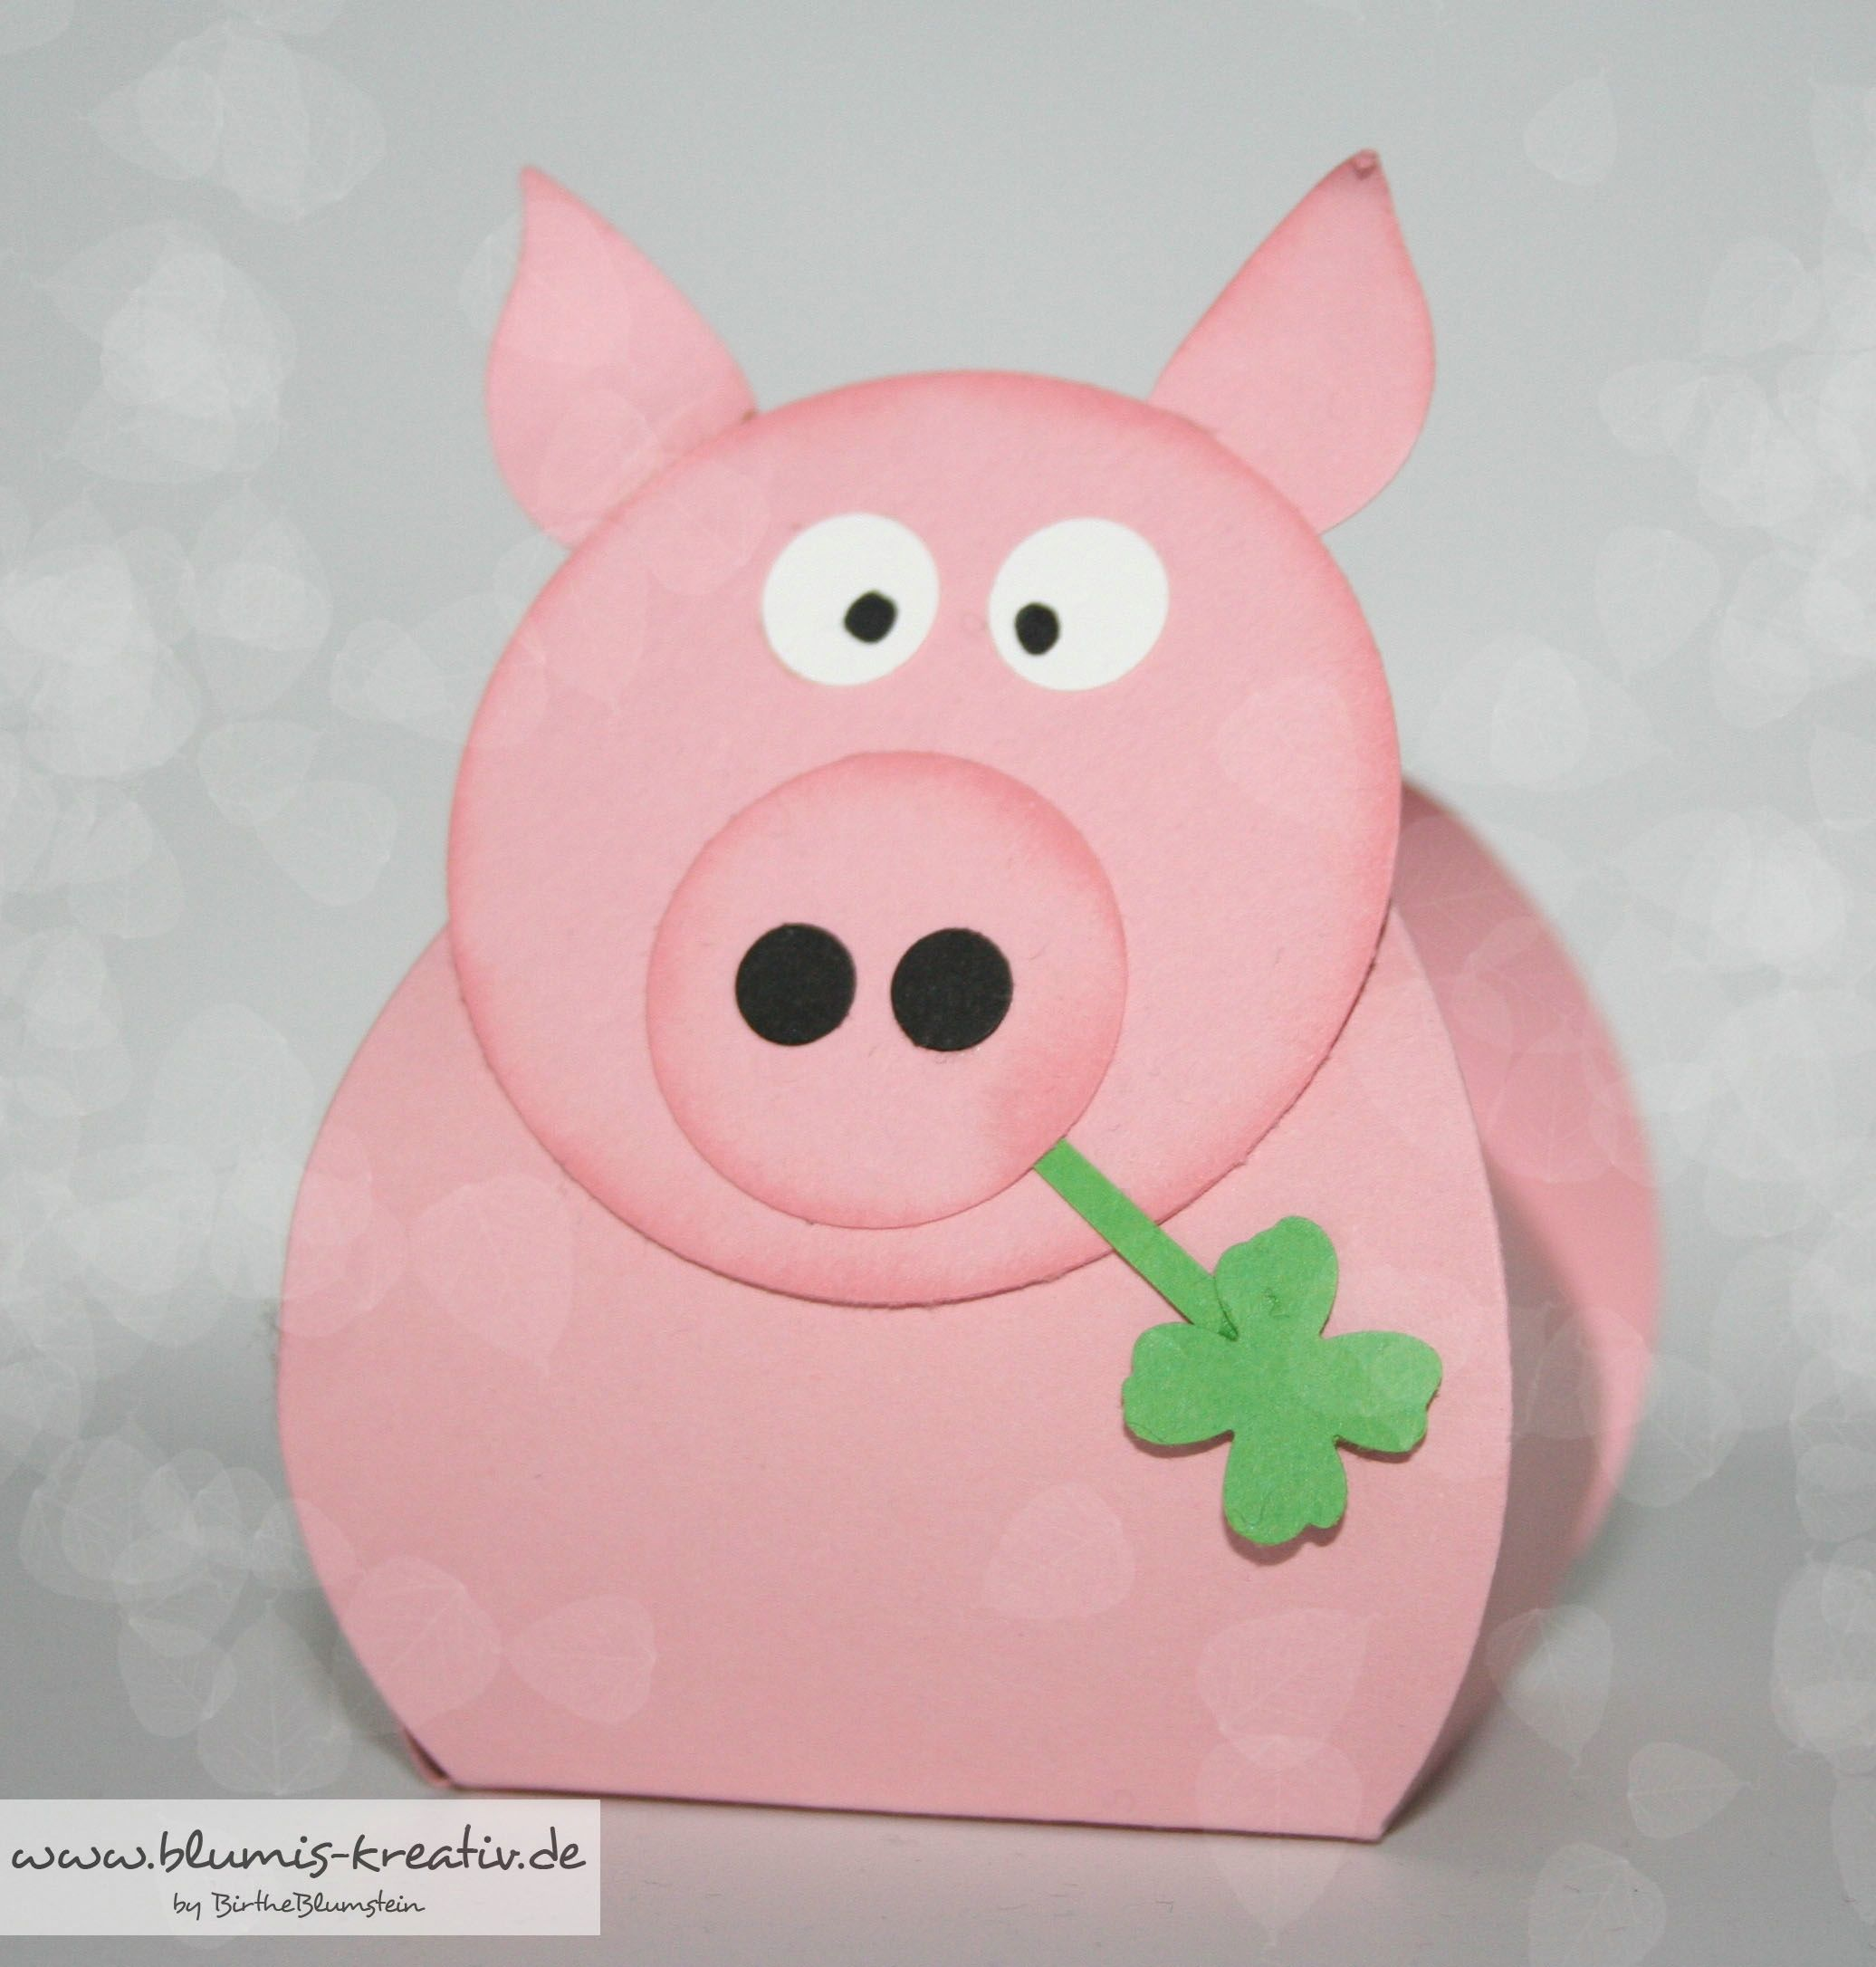 gl cksschwein zum neuen jahr lucky pig silvester pinterest gl cksschwein das neue jahr. Black Bedroom Furniture Sets. Home Design Ideas